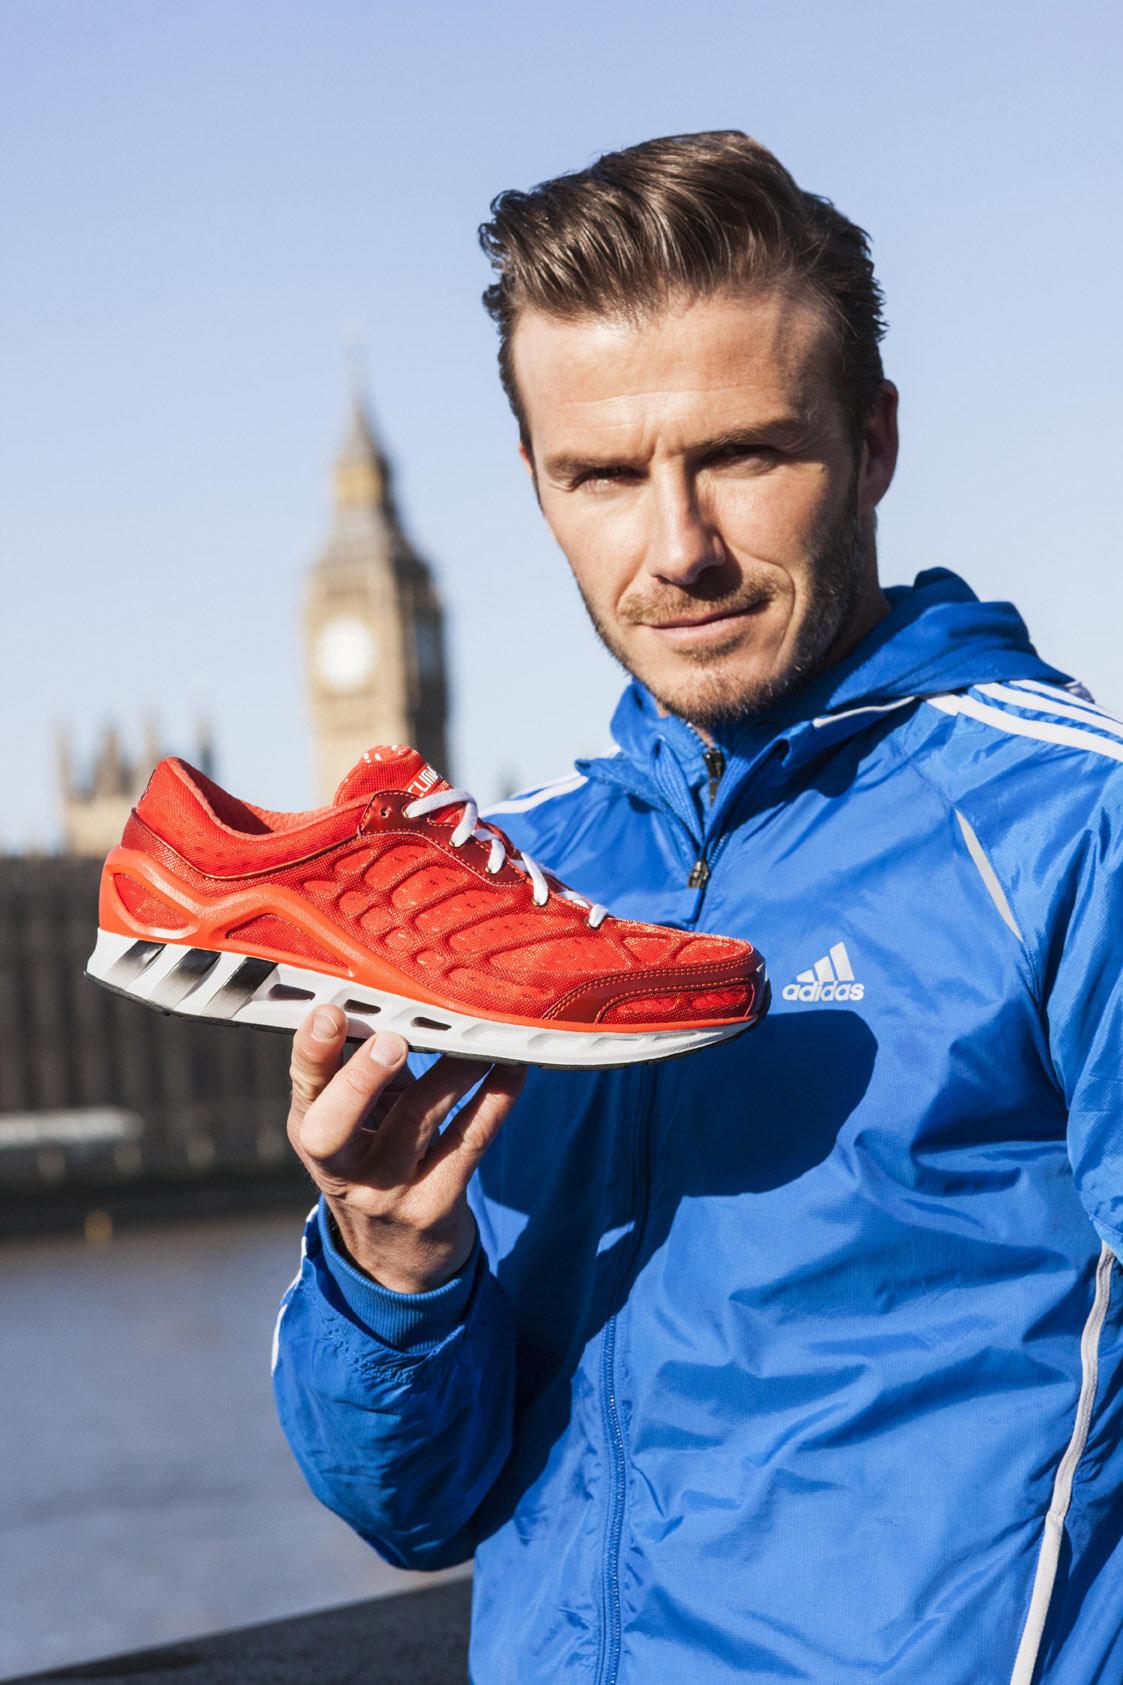 online retailer ab69e 41a4a David Beckham: Adidas ClimaCool Seduction - 2012 - David ...